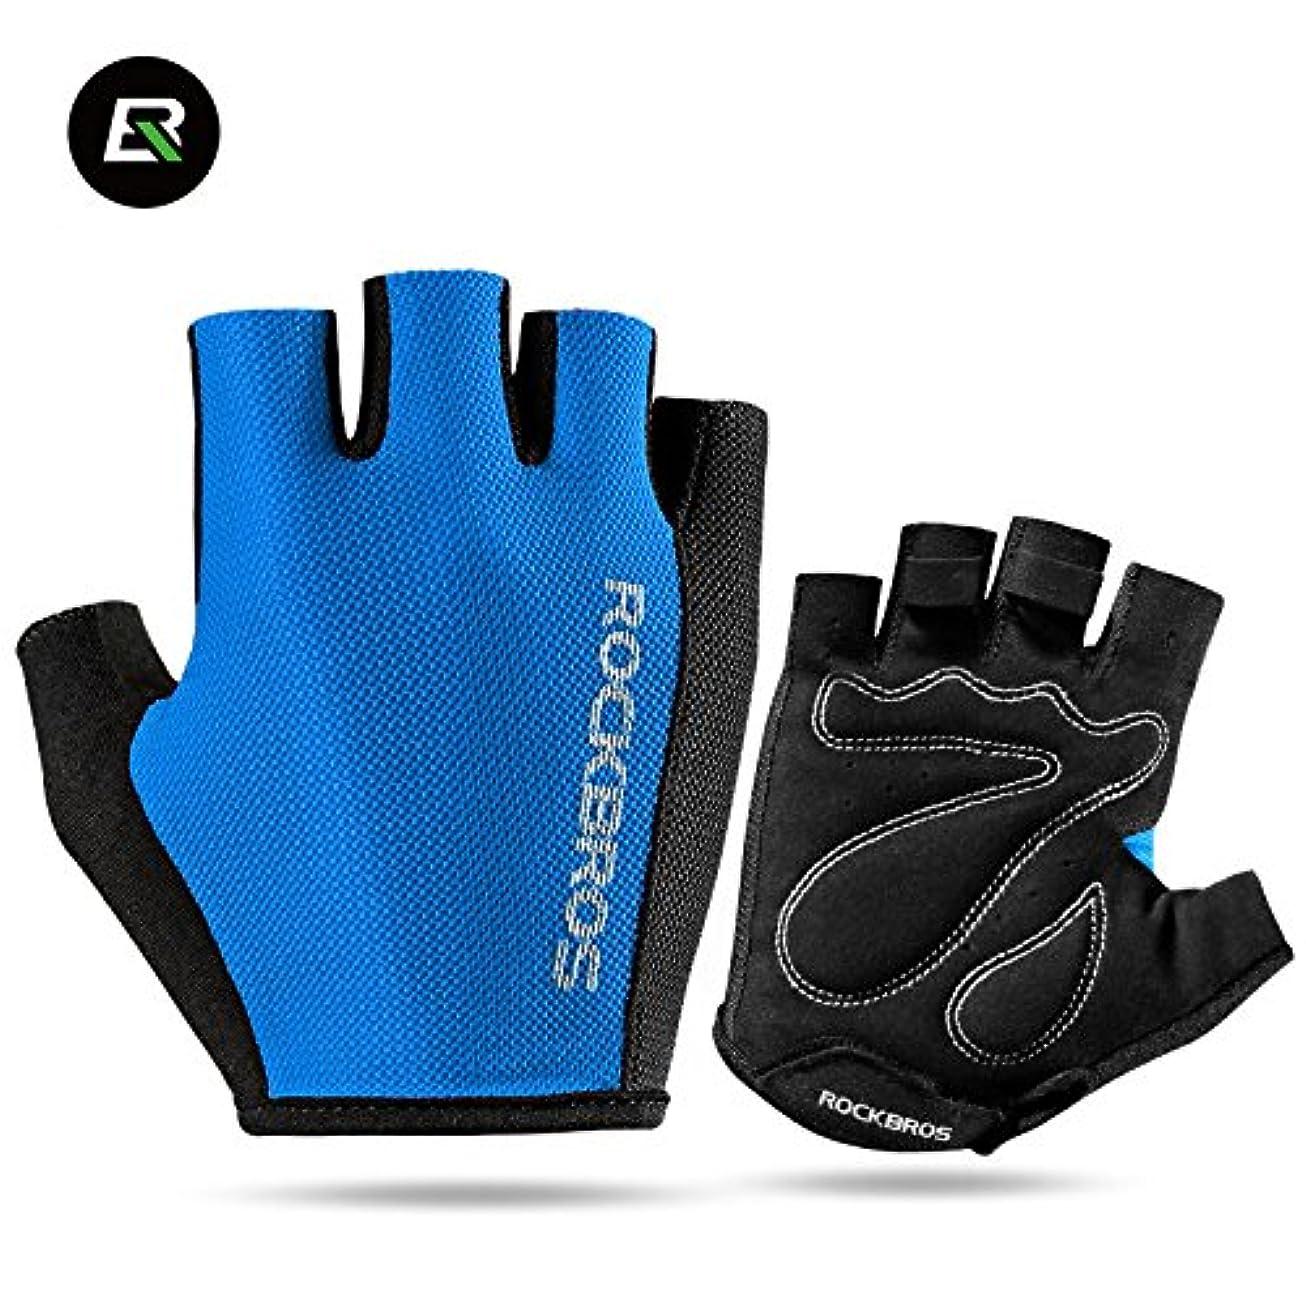 無礼に一元化する拾うROCKBROS(ロックブロス) グローブ 手袋 ハーフフィンガー サイクル スポーツ ブルー S099BL-M M